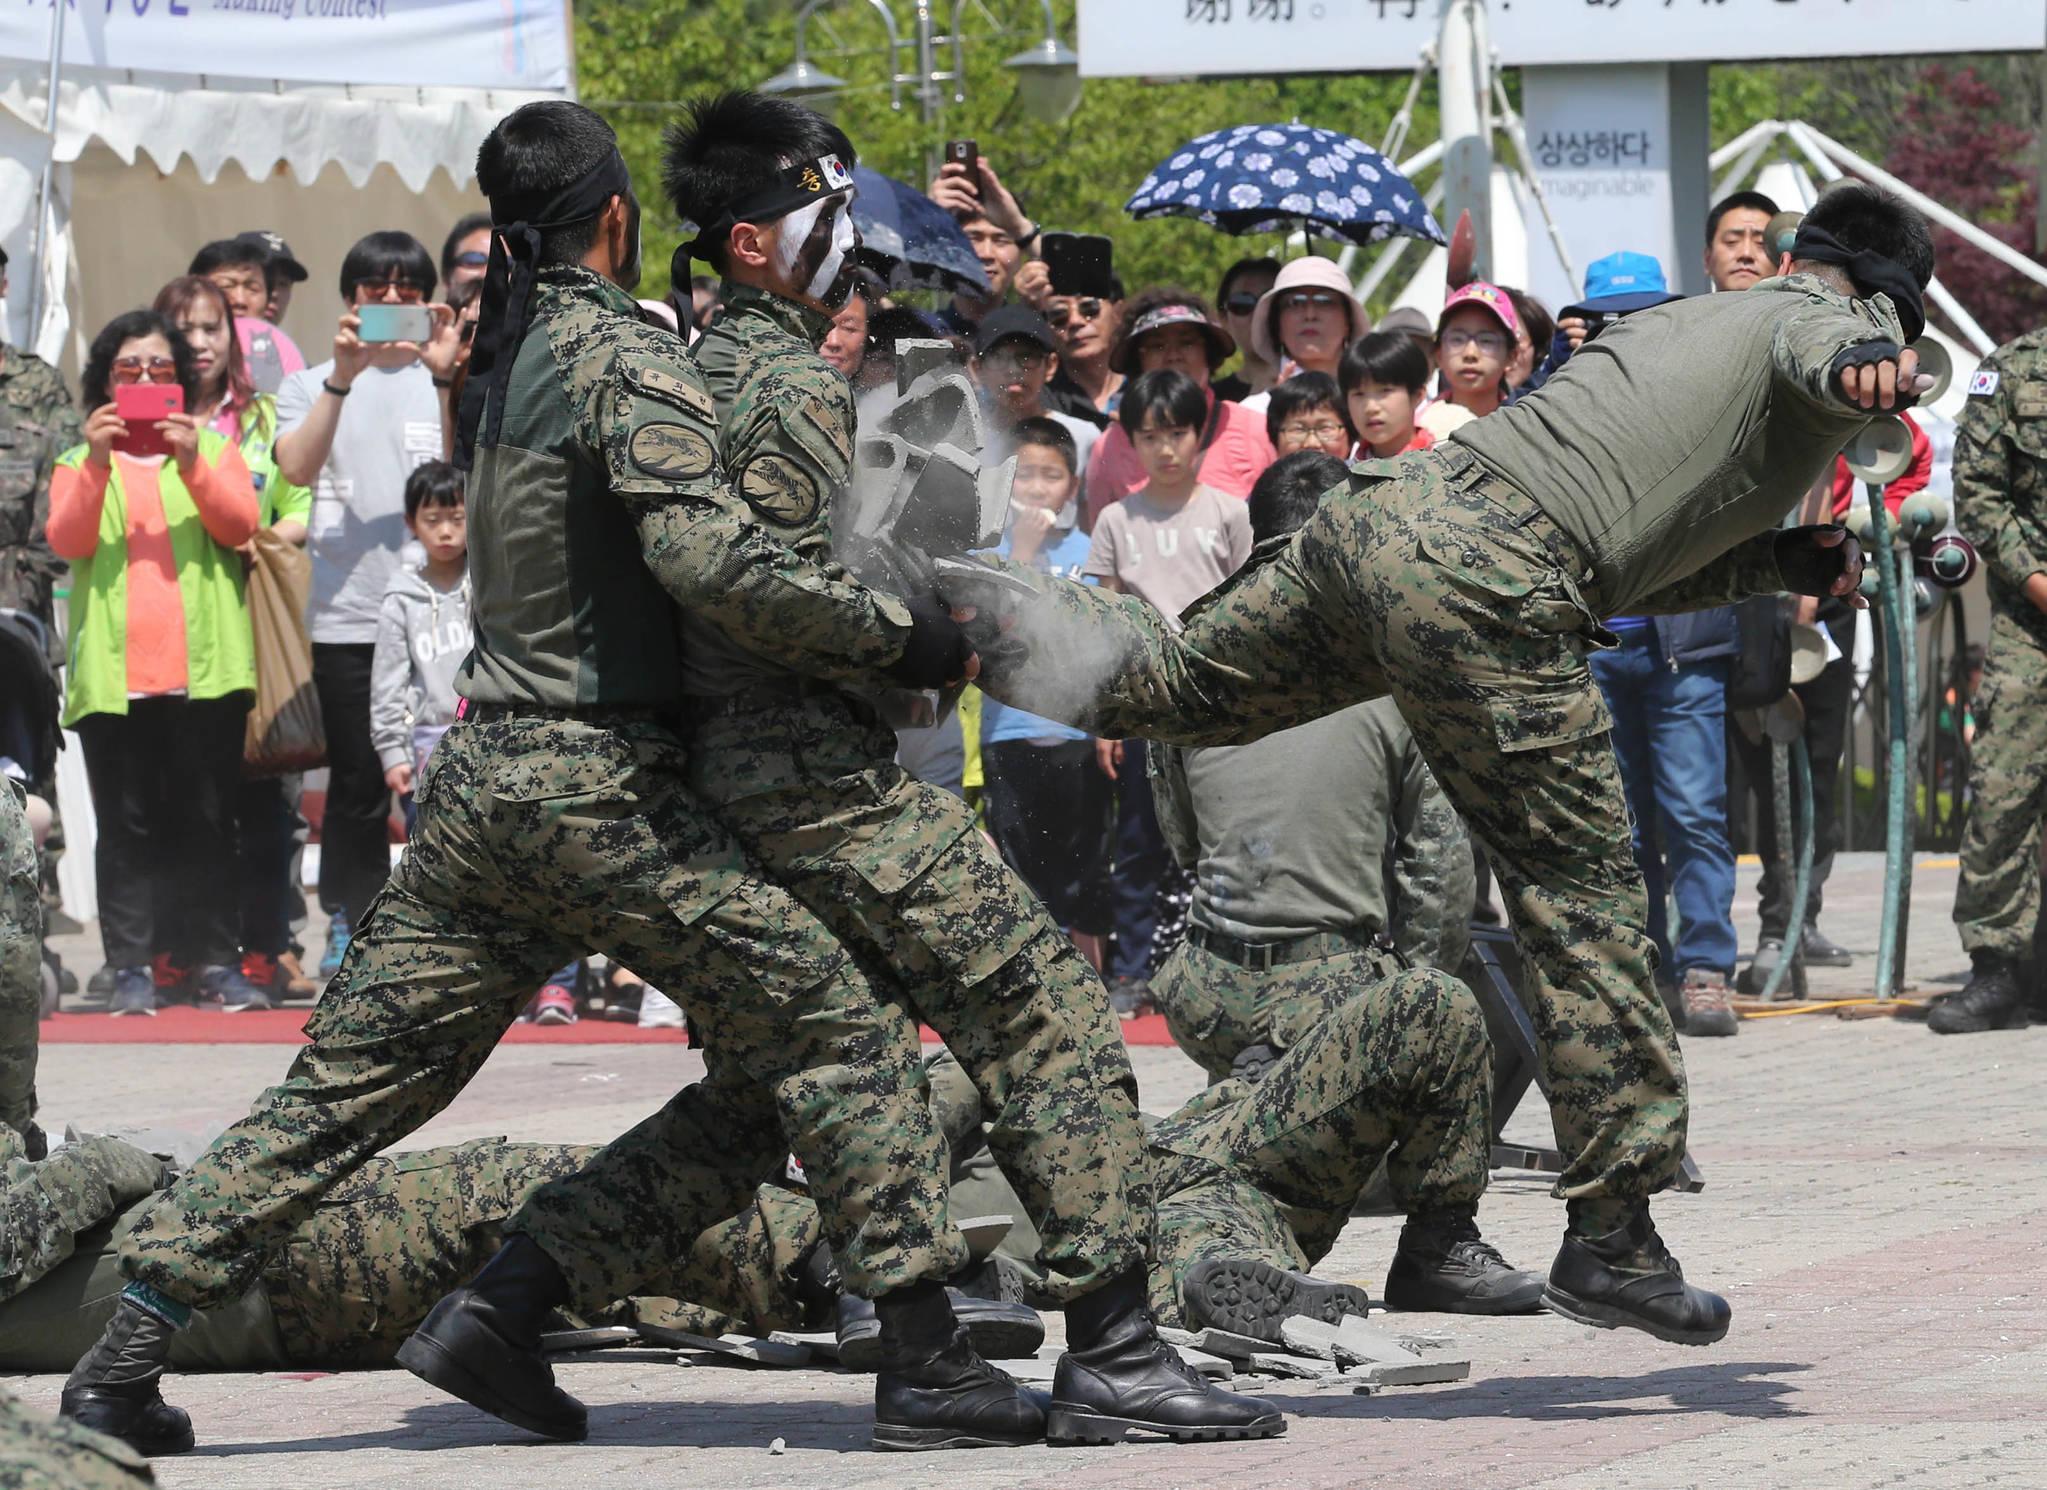 1일 특전사 장병들이 특공무술 시범을 보여주고 있다. 신인섭 기자